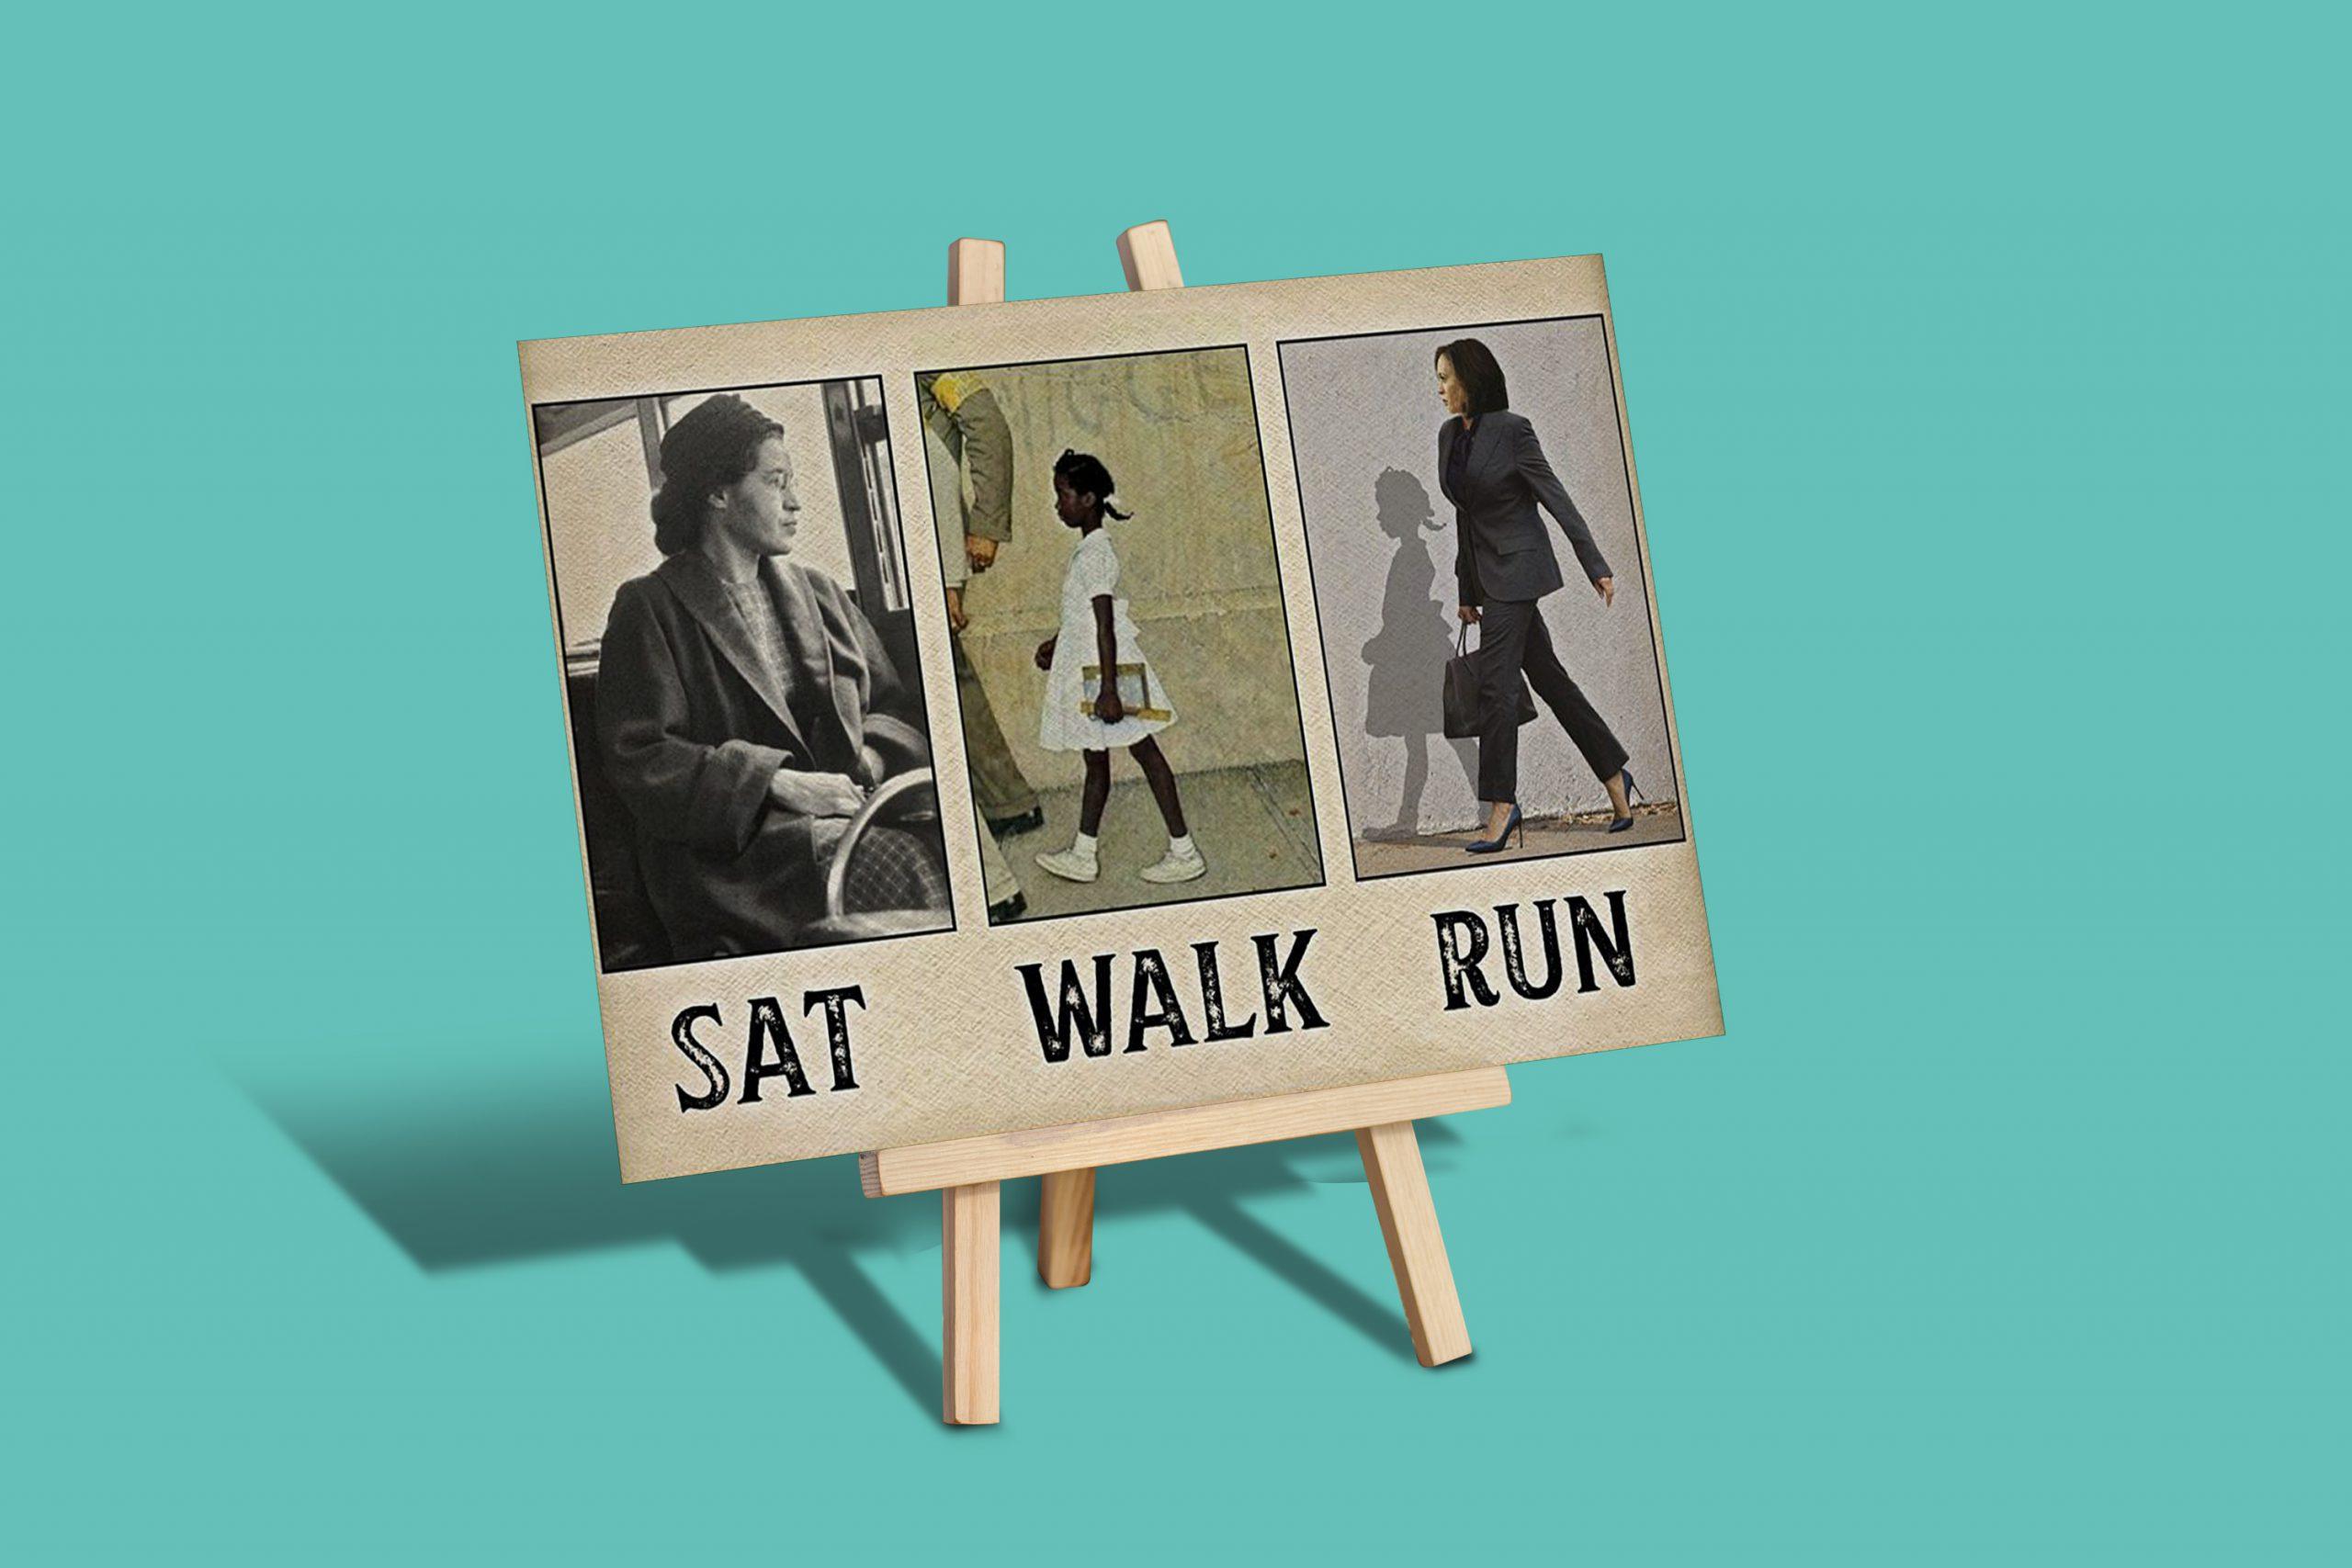 Rosa sat so Ruby could walk so Kamala could run poster